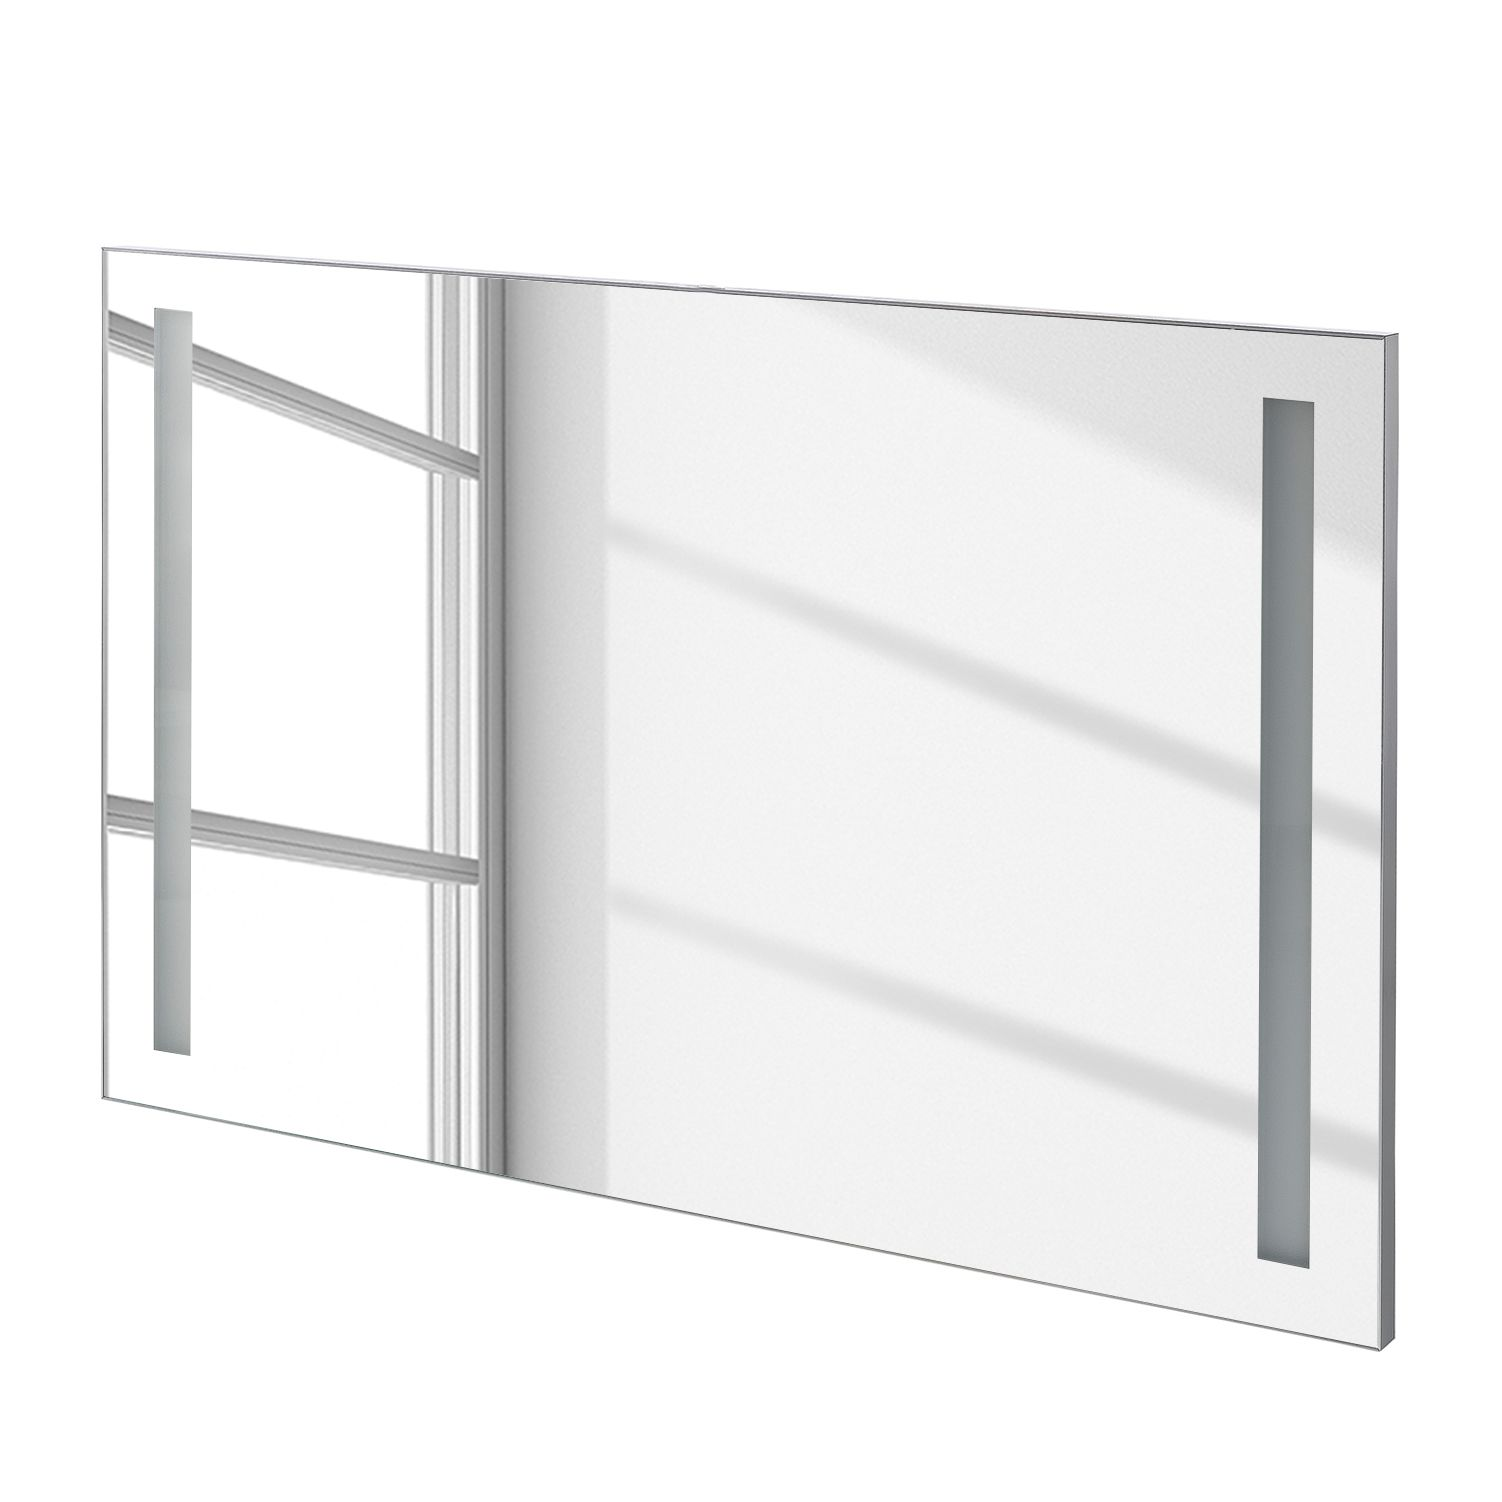 Badspiegel preisvergleich die besten angebote online kaufen - Home24 spiegel ...